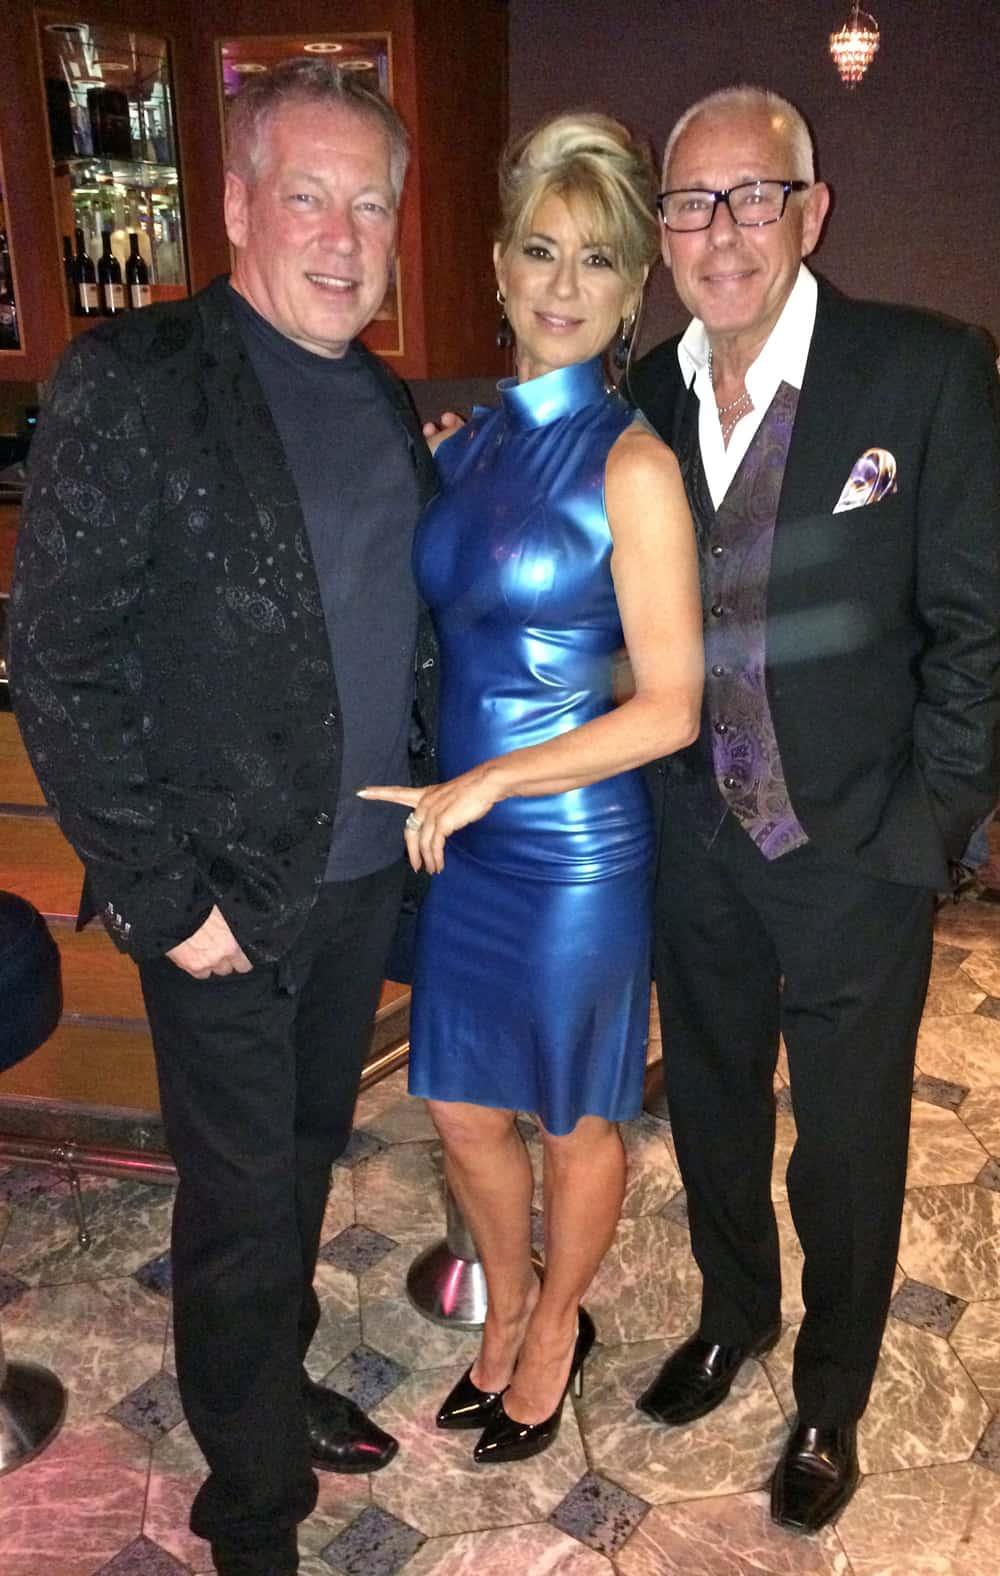 Sexxy A.D. Cook, Beti Kristof and Bob Golden, Las Vegas, NV